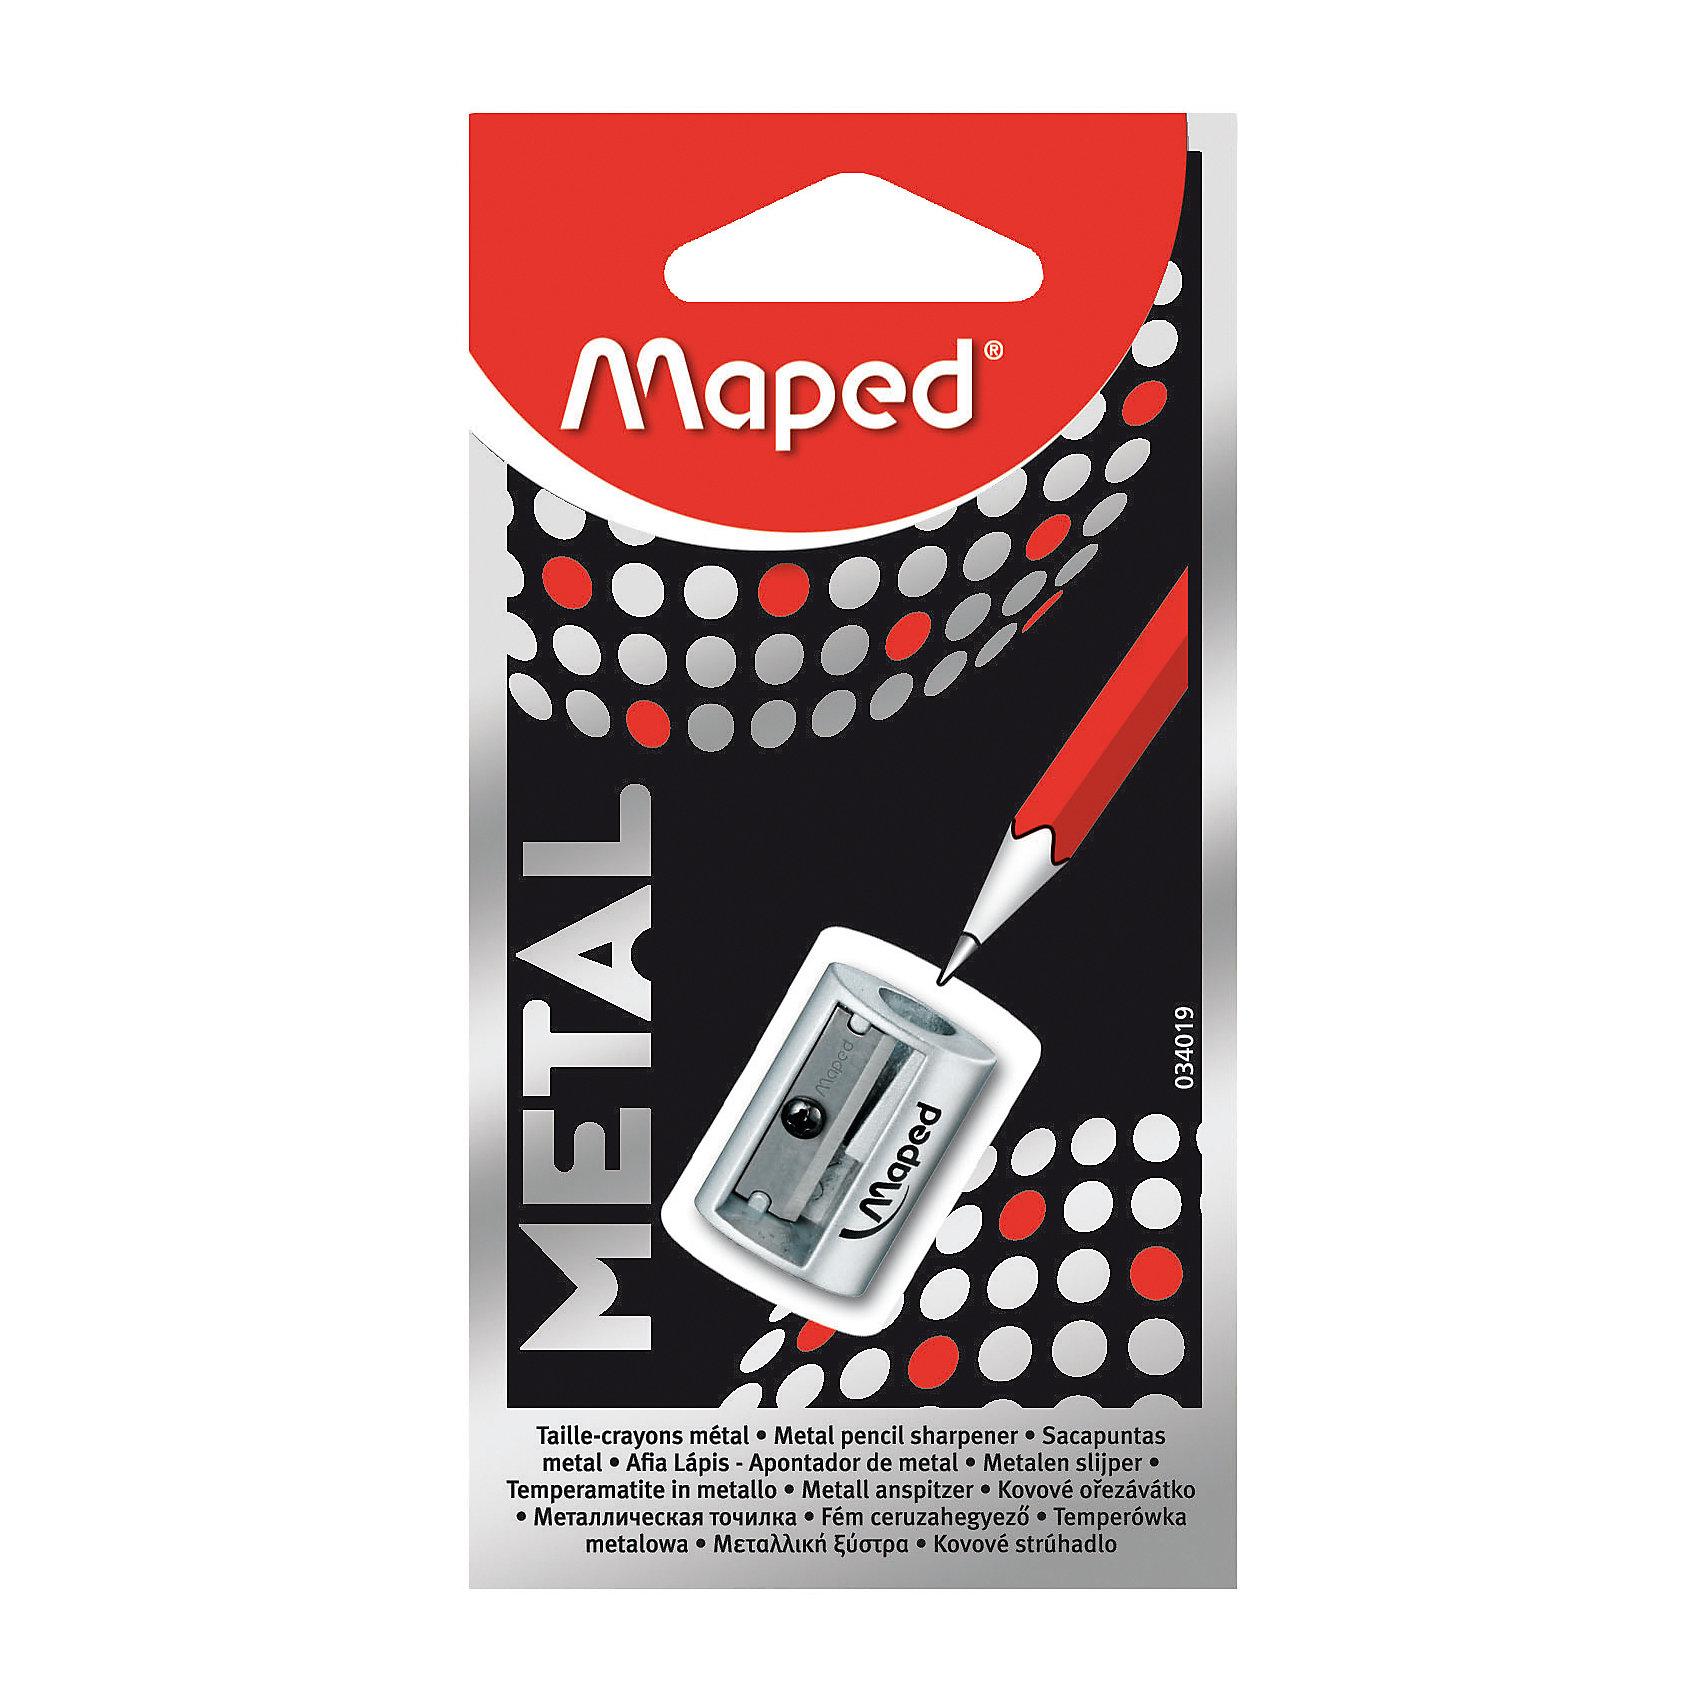 Точилка Maped Satellite, металлическая, 1 отверстиеПисьменные принадлежности<br>Характеристики:<br><br>• возраст: от 3 лет<br>• количество отверстий: 1<br>• цвет: серебристый<br>• материал корпуса: металл<br>• материал лезвия: металл<br>• размер упаковки: 12,5х6,5х1,4 см.<br><br>Металлическая точилка Satellite без контейнера имеет одно отверстие со стальным лезвием. Она предназначена для заточки карандашей стандартного размера. Точилка легко поместится в любой пенал.<br><br>MAPED Точилку металлическую с 1 диаметром Satellite можно купить в нашем интернет-магазине.<br><br>Ширина мм: 14<br>Глубина мм: 65<br>Высота мм: 125<br>Вес г: 20<br>Возраст от месяцев: 36<br>Возраст до месяцев: 2147483647<br>Пол: Унисекс<br>Возраст: Детский<br>SKU: 7065324